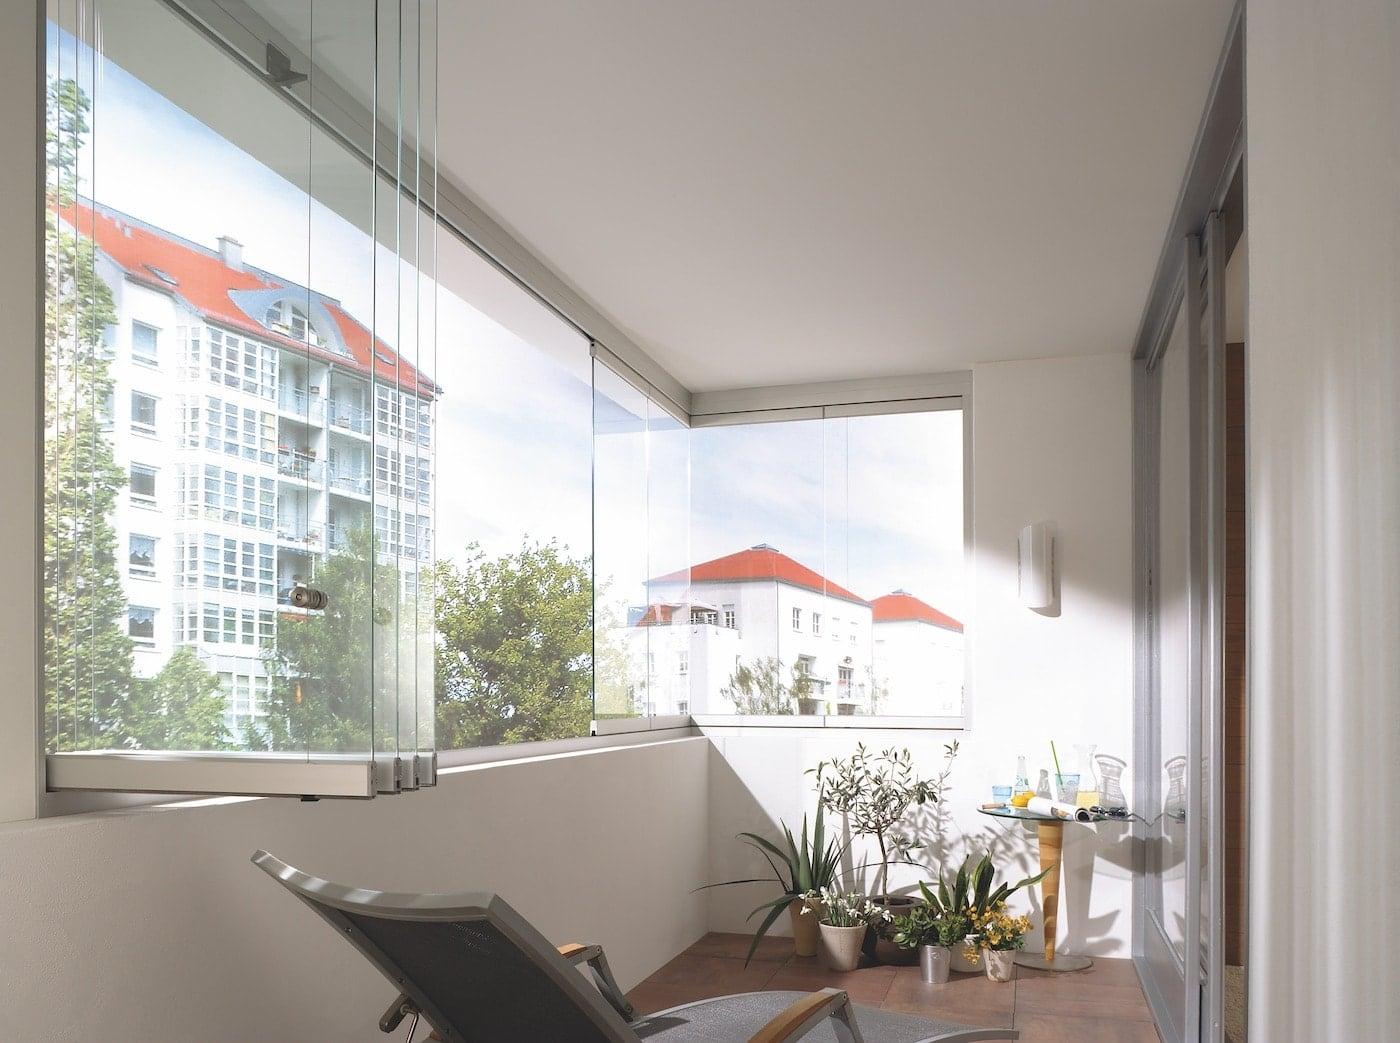 Balkonverkleidung Osnabruck Metalldach Instagram Photos And Videos